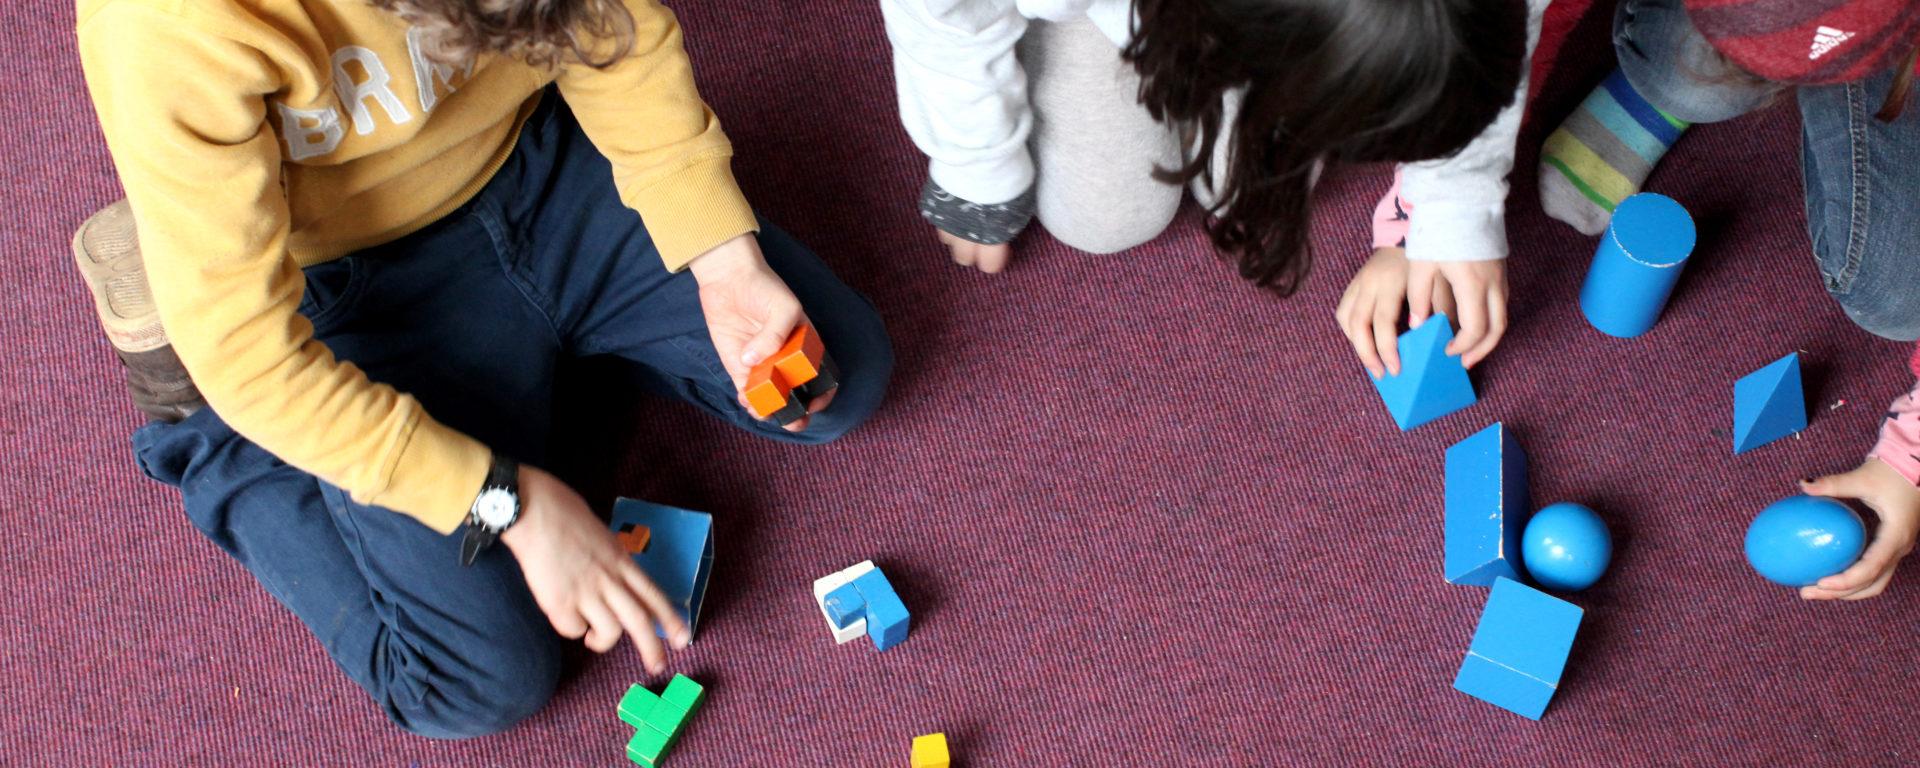 Schüler*innen lernen mit Montessorimaterialien geometrische Formen kennen